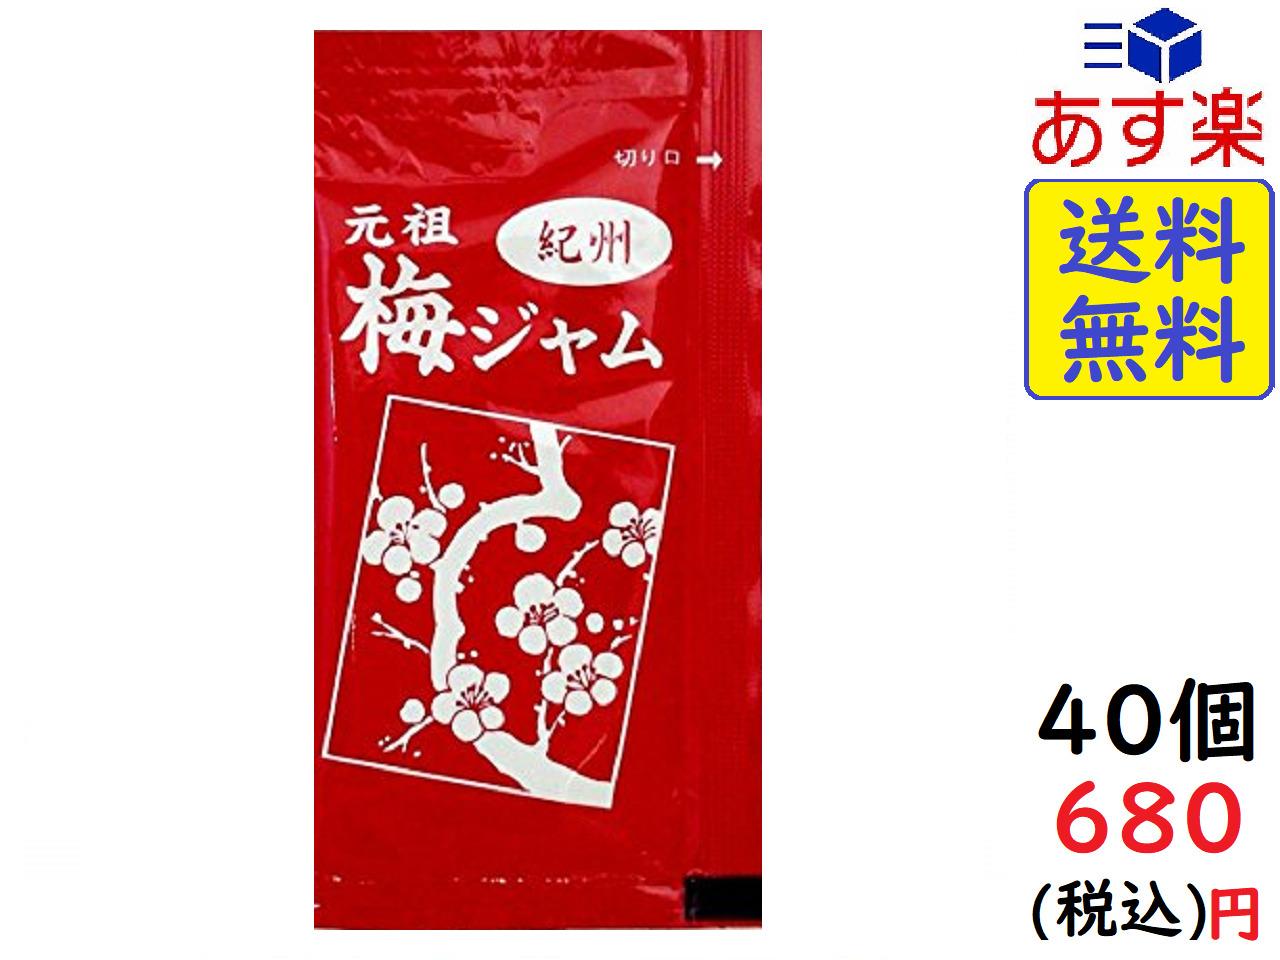 送料無料 あす楽対応 ポスト投函 タカミ製菓 13g×40袋 01 定価 賞味期限2022 超激安特価 梅ジャム